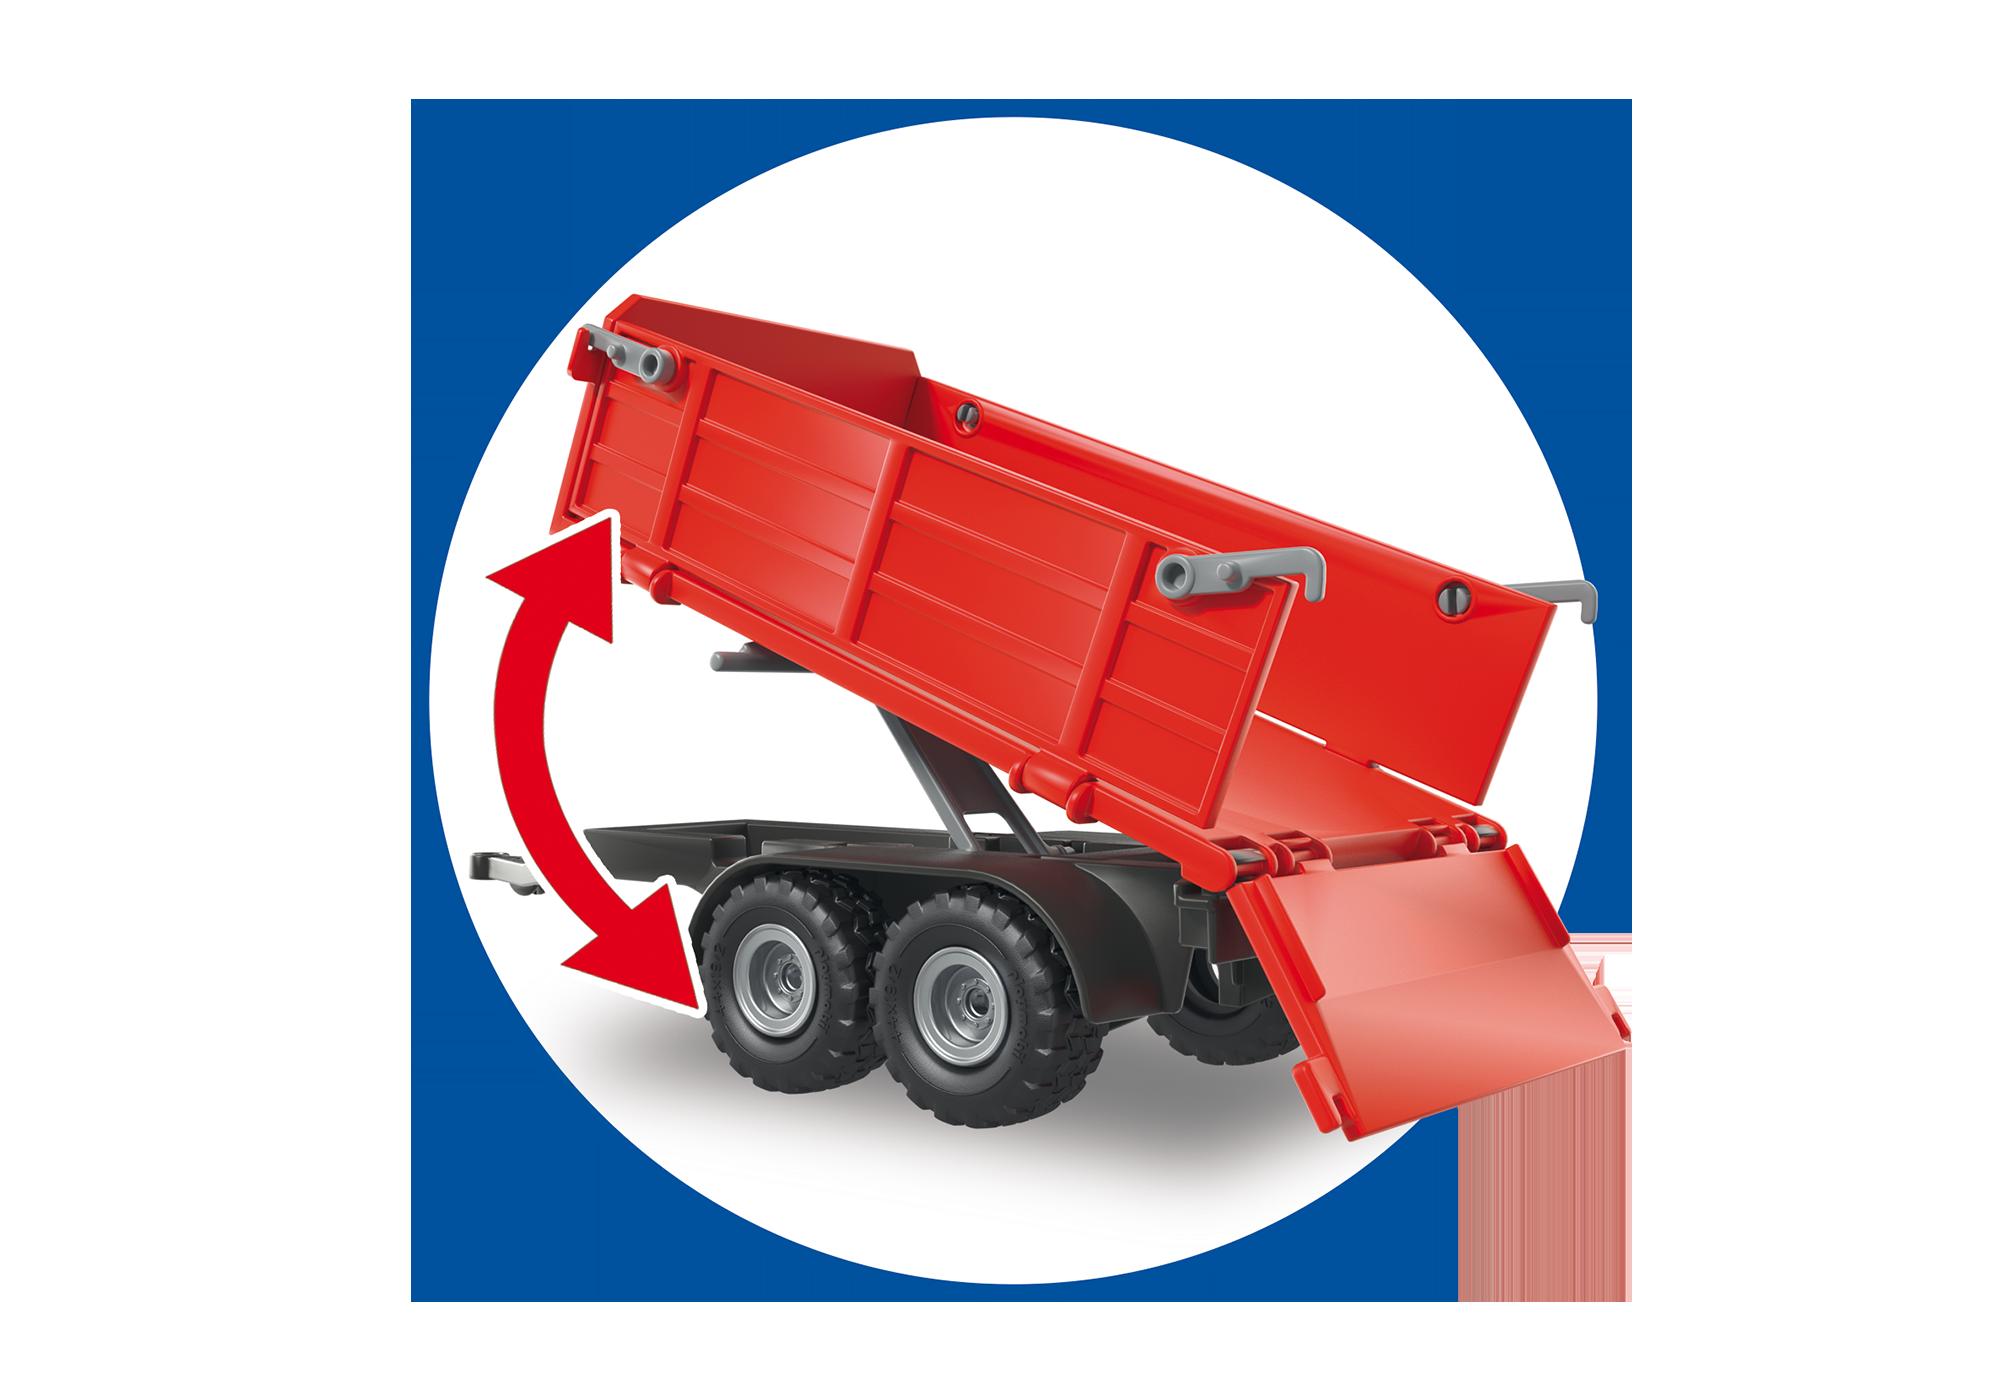 http://media.playmobil.com/i/playmobil/6130_product_extra4/Duży traktor z przyczepą